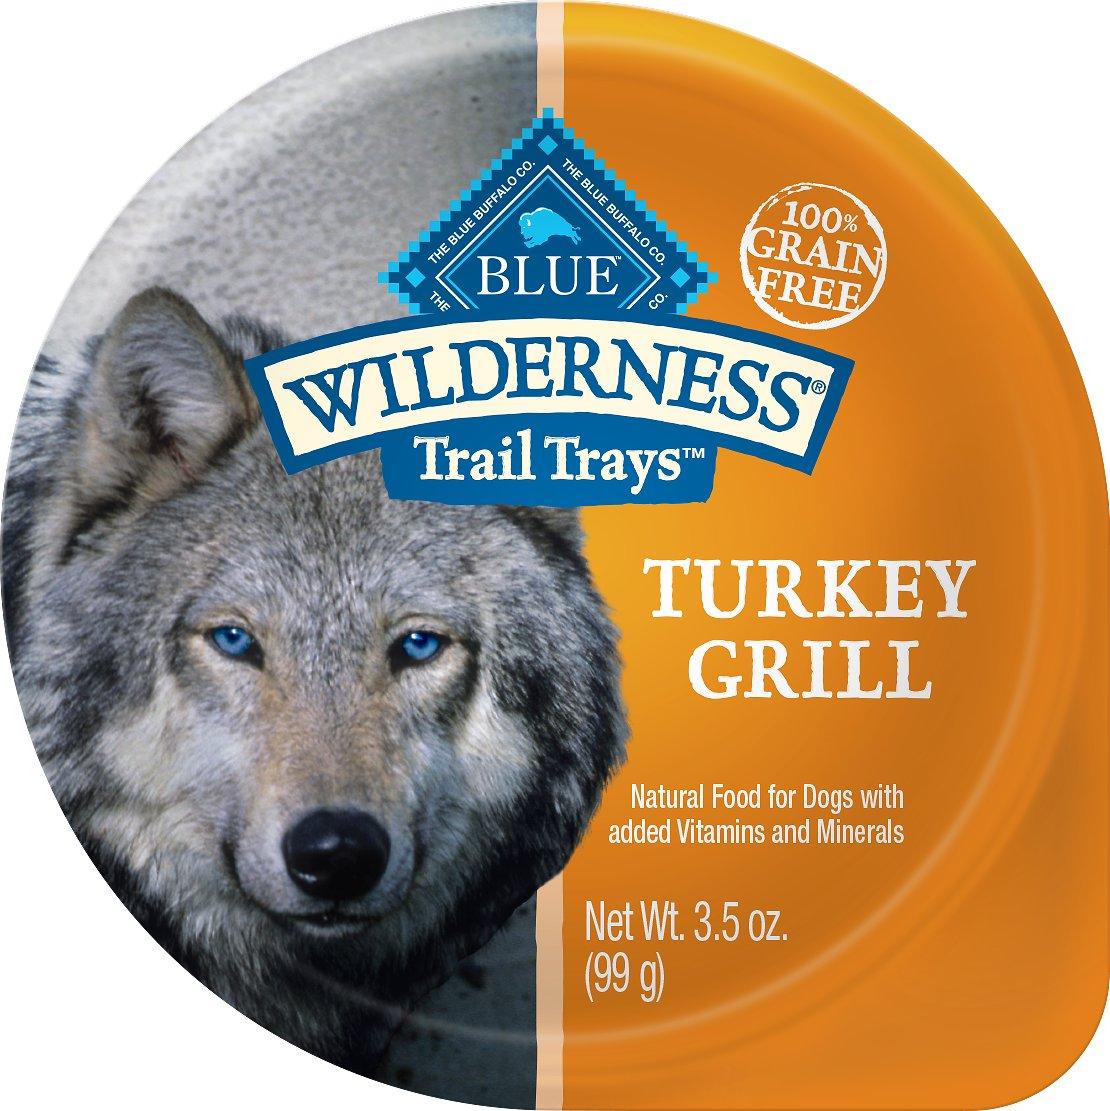 Blue Buffalo Wilderness Trail Trays Turkey Grill Formula Grain-Free Dog Food Trays, 3.5-oz